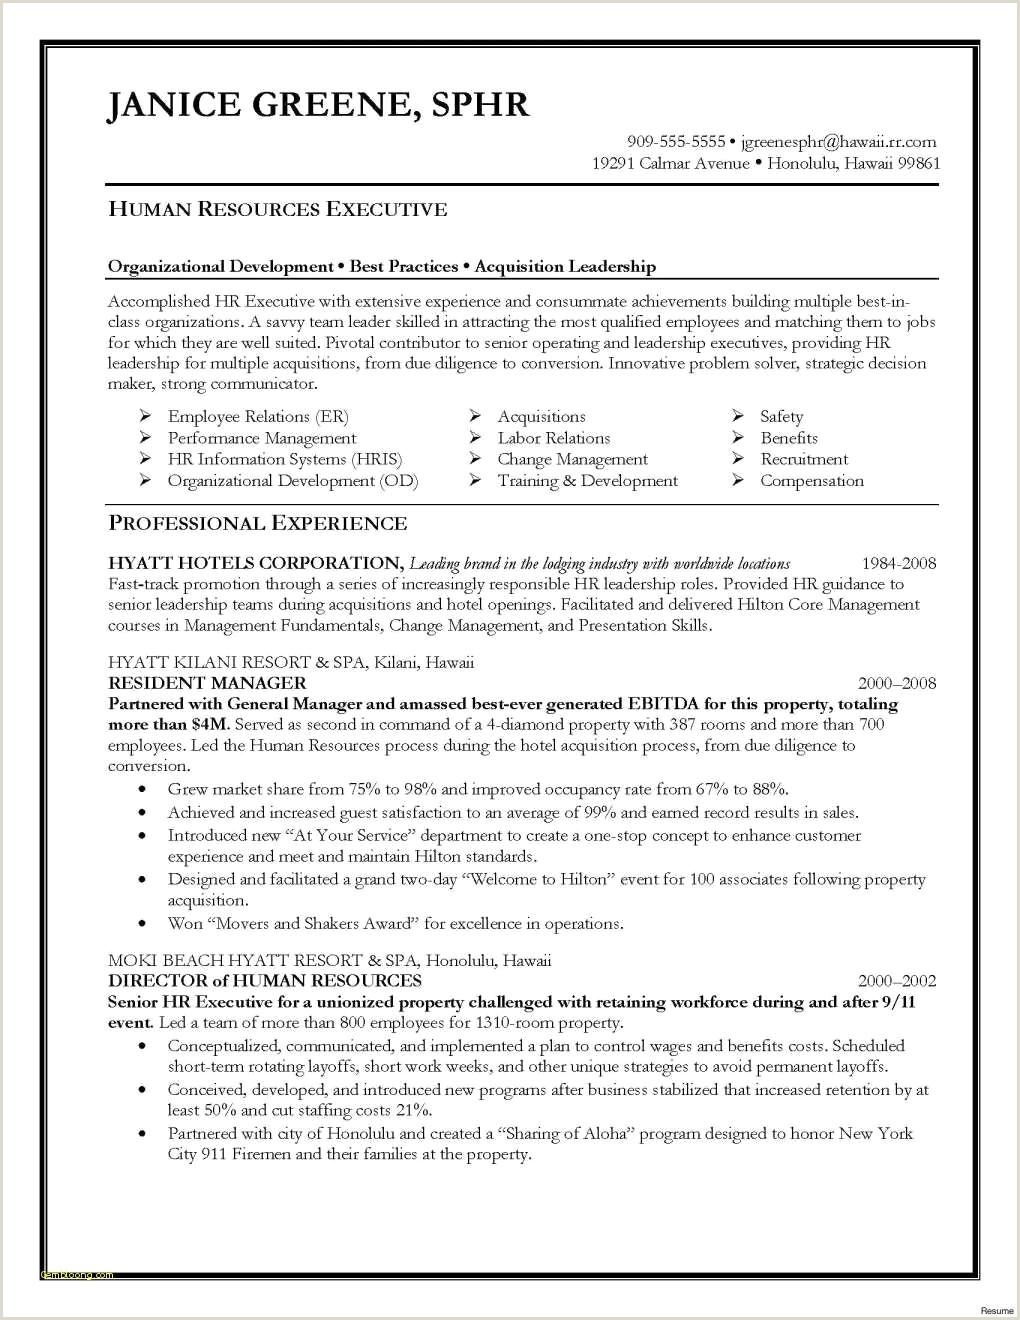 Cv format Download for Job Application Pdf Security Guard Resume Sample Doc Cv Uae Pdf Objective